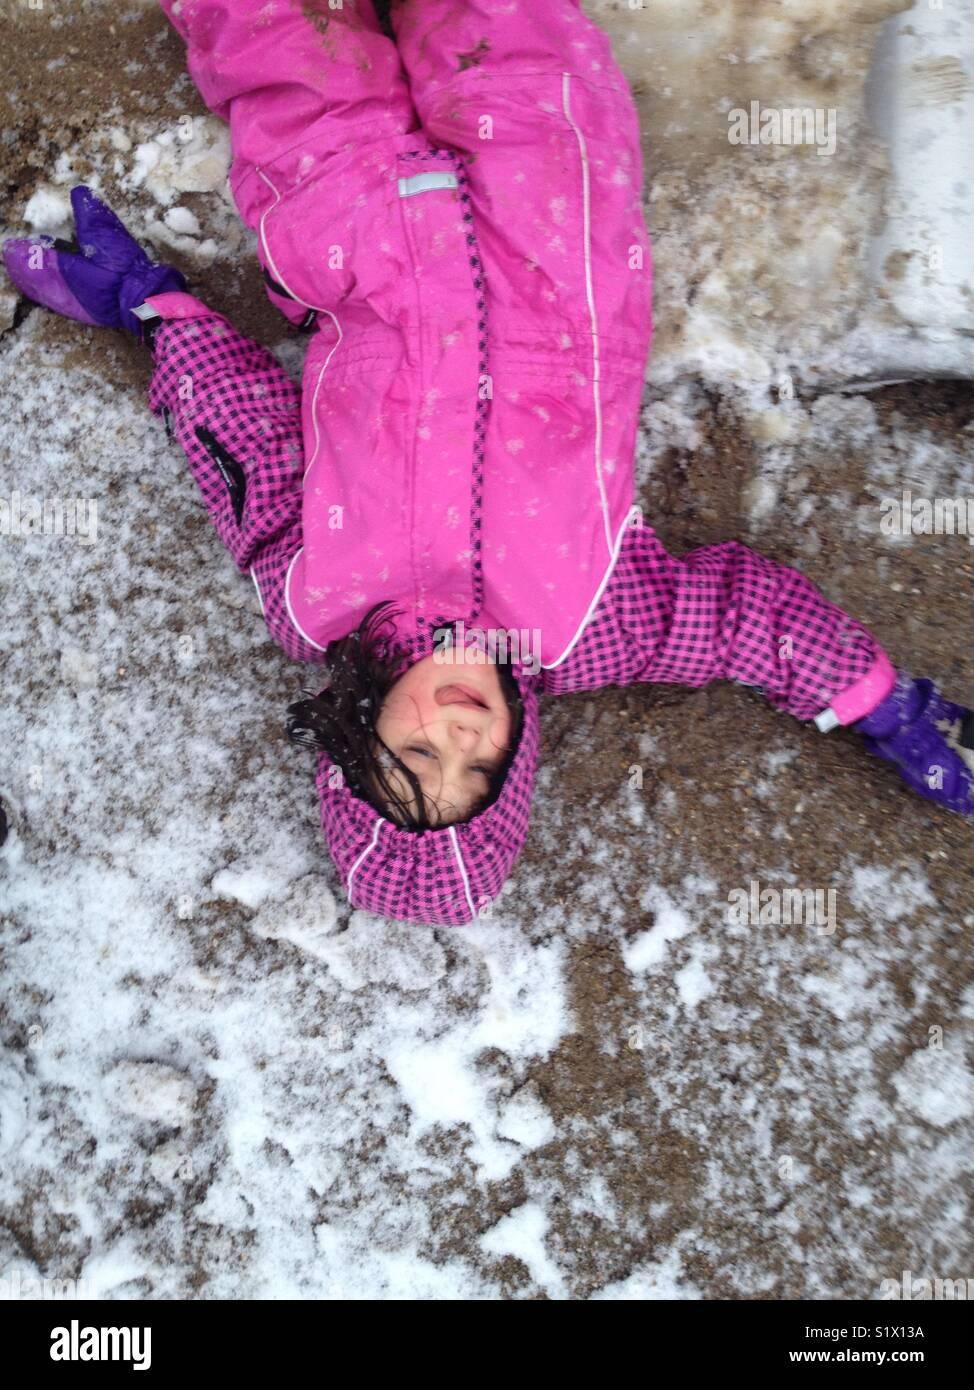 Chica disfrutando de las primeras nevadas. Imagen De Stock